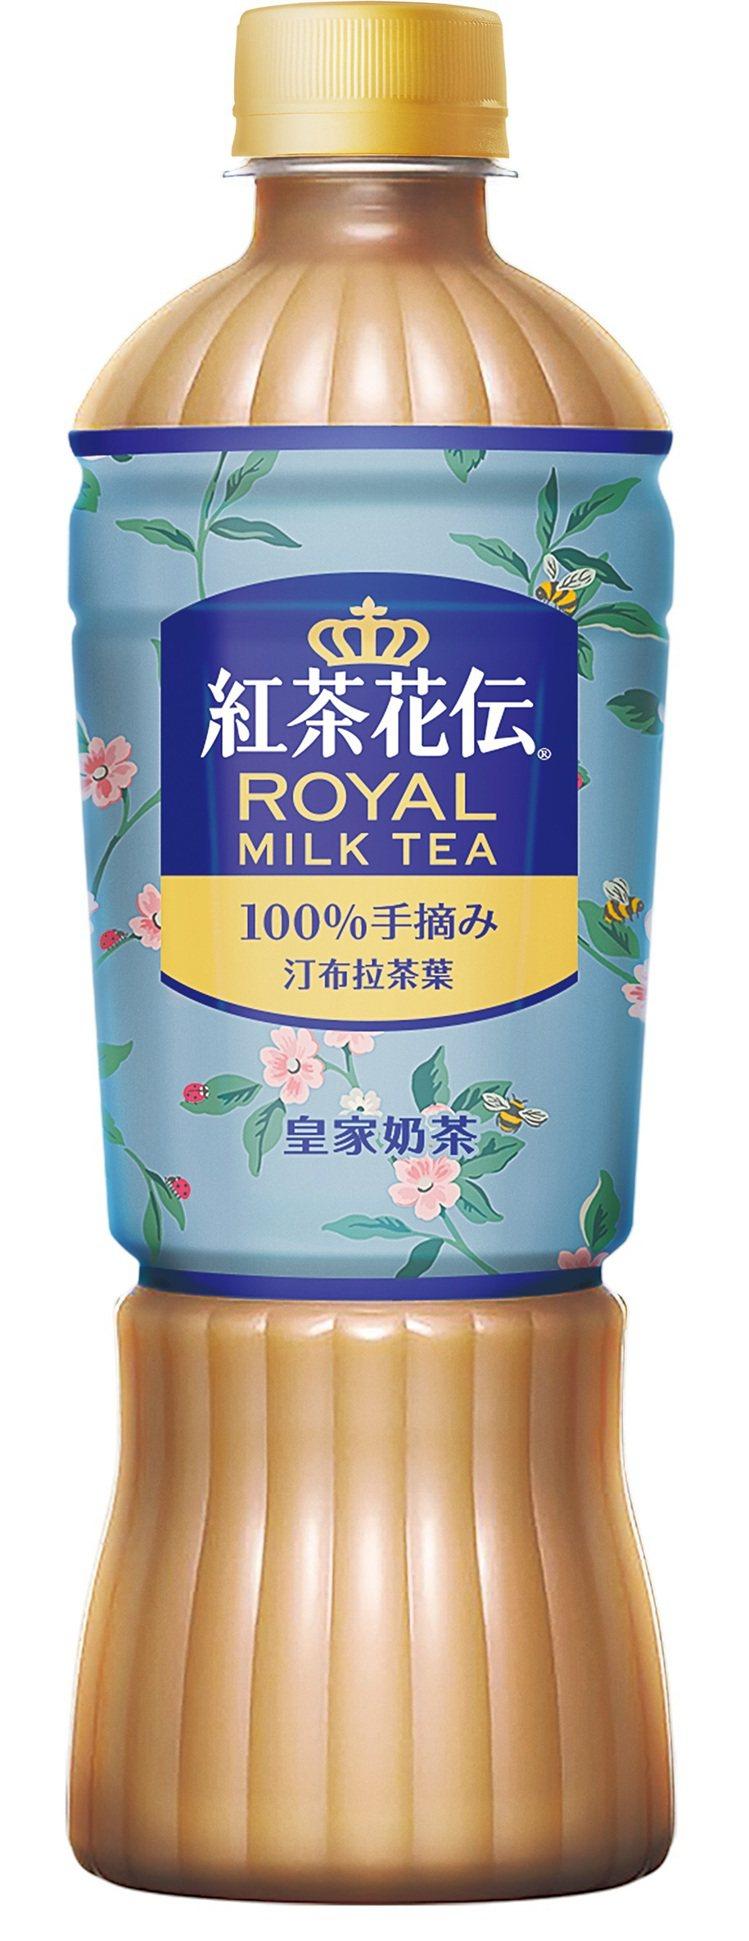 「紅茶花伝」x「Cath Kidston」聯名限定包裝皇家奶茶,建議售價35元。...